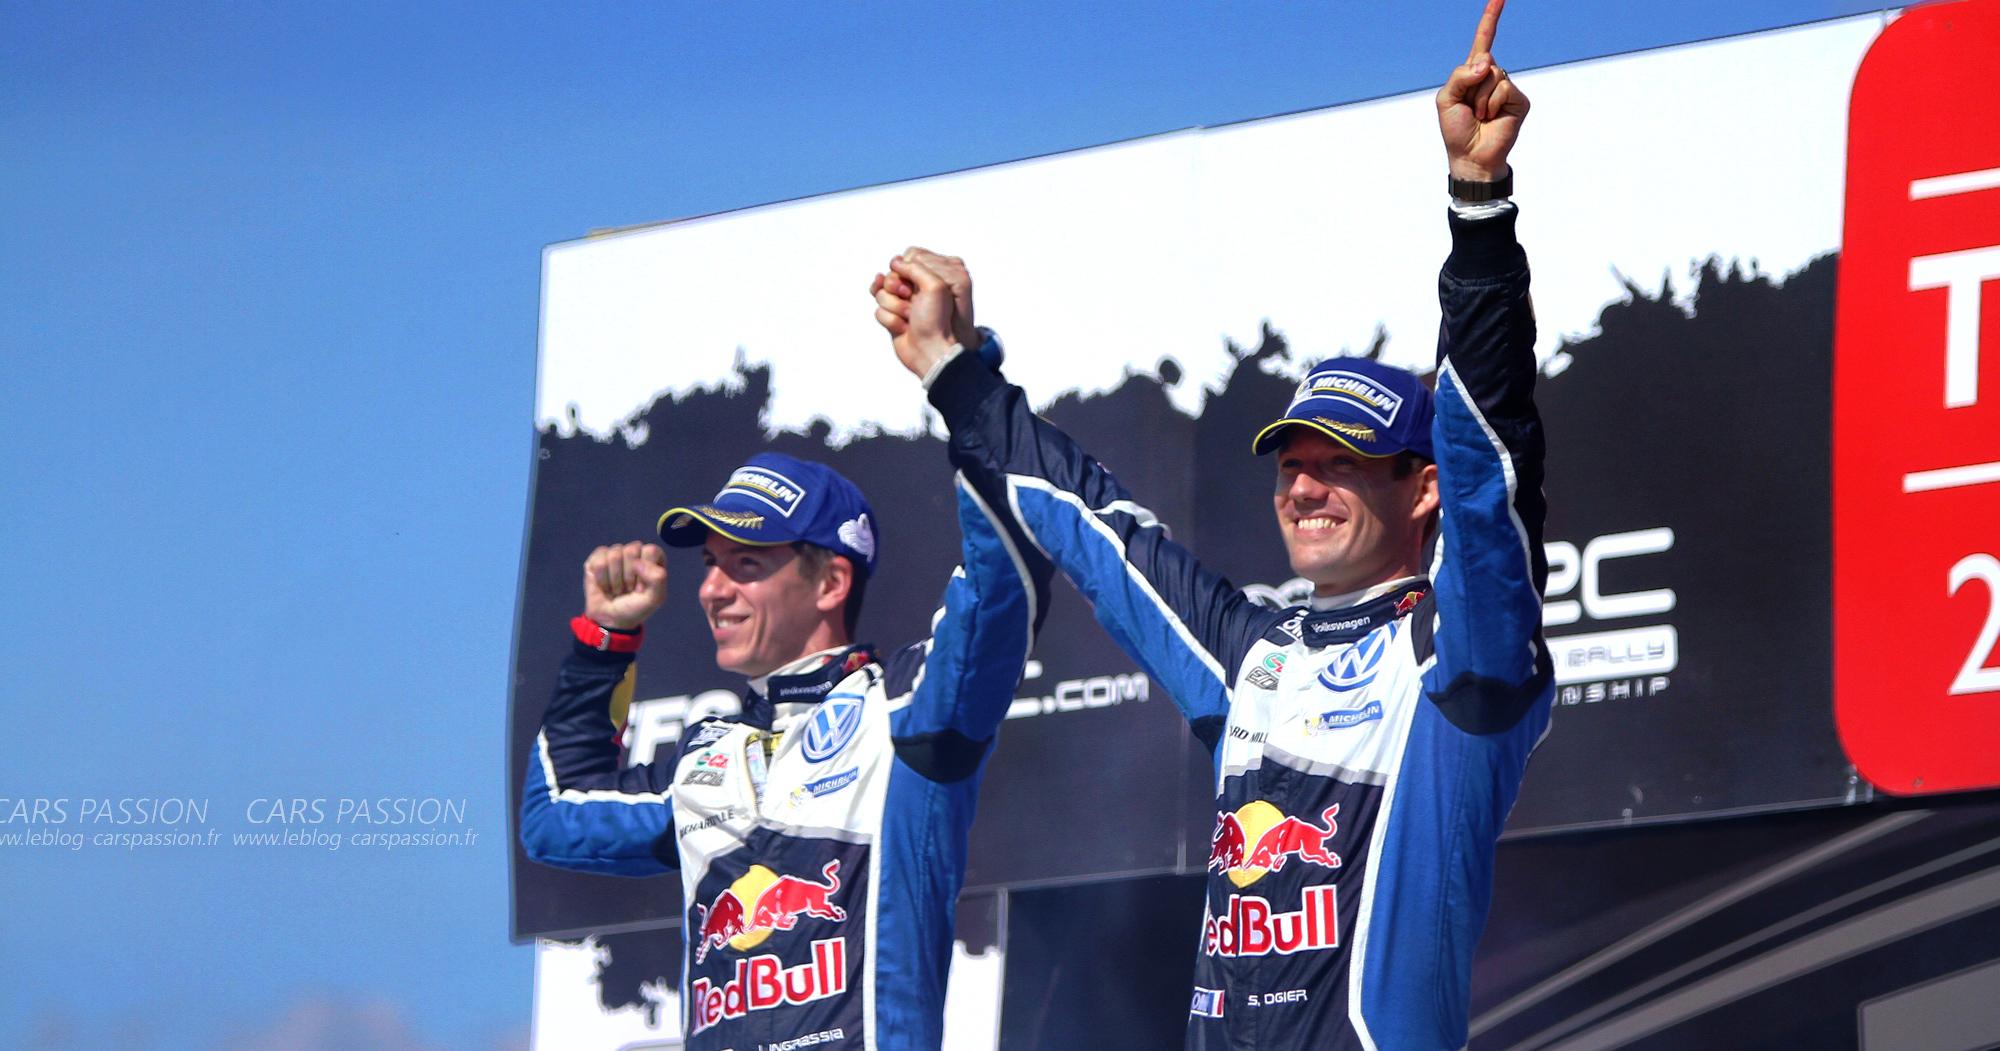 WRC-2016-Tour-de-corse-Ogier-VW-N1-5